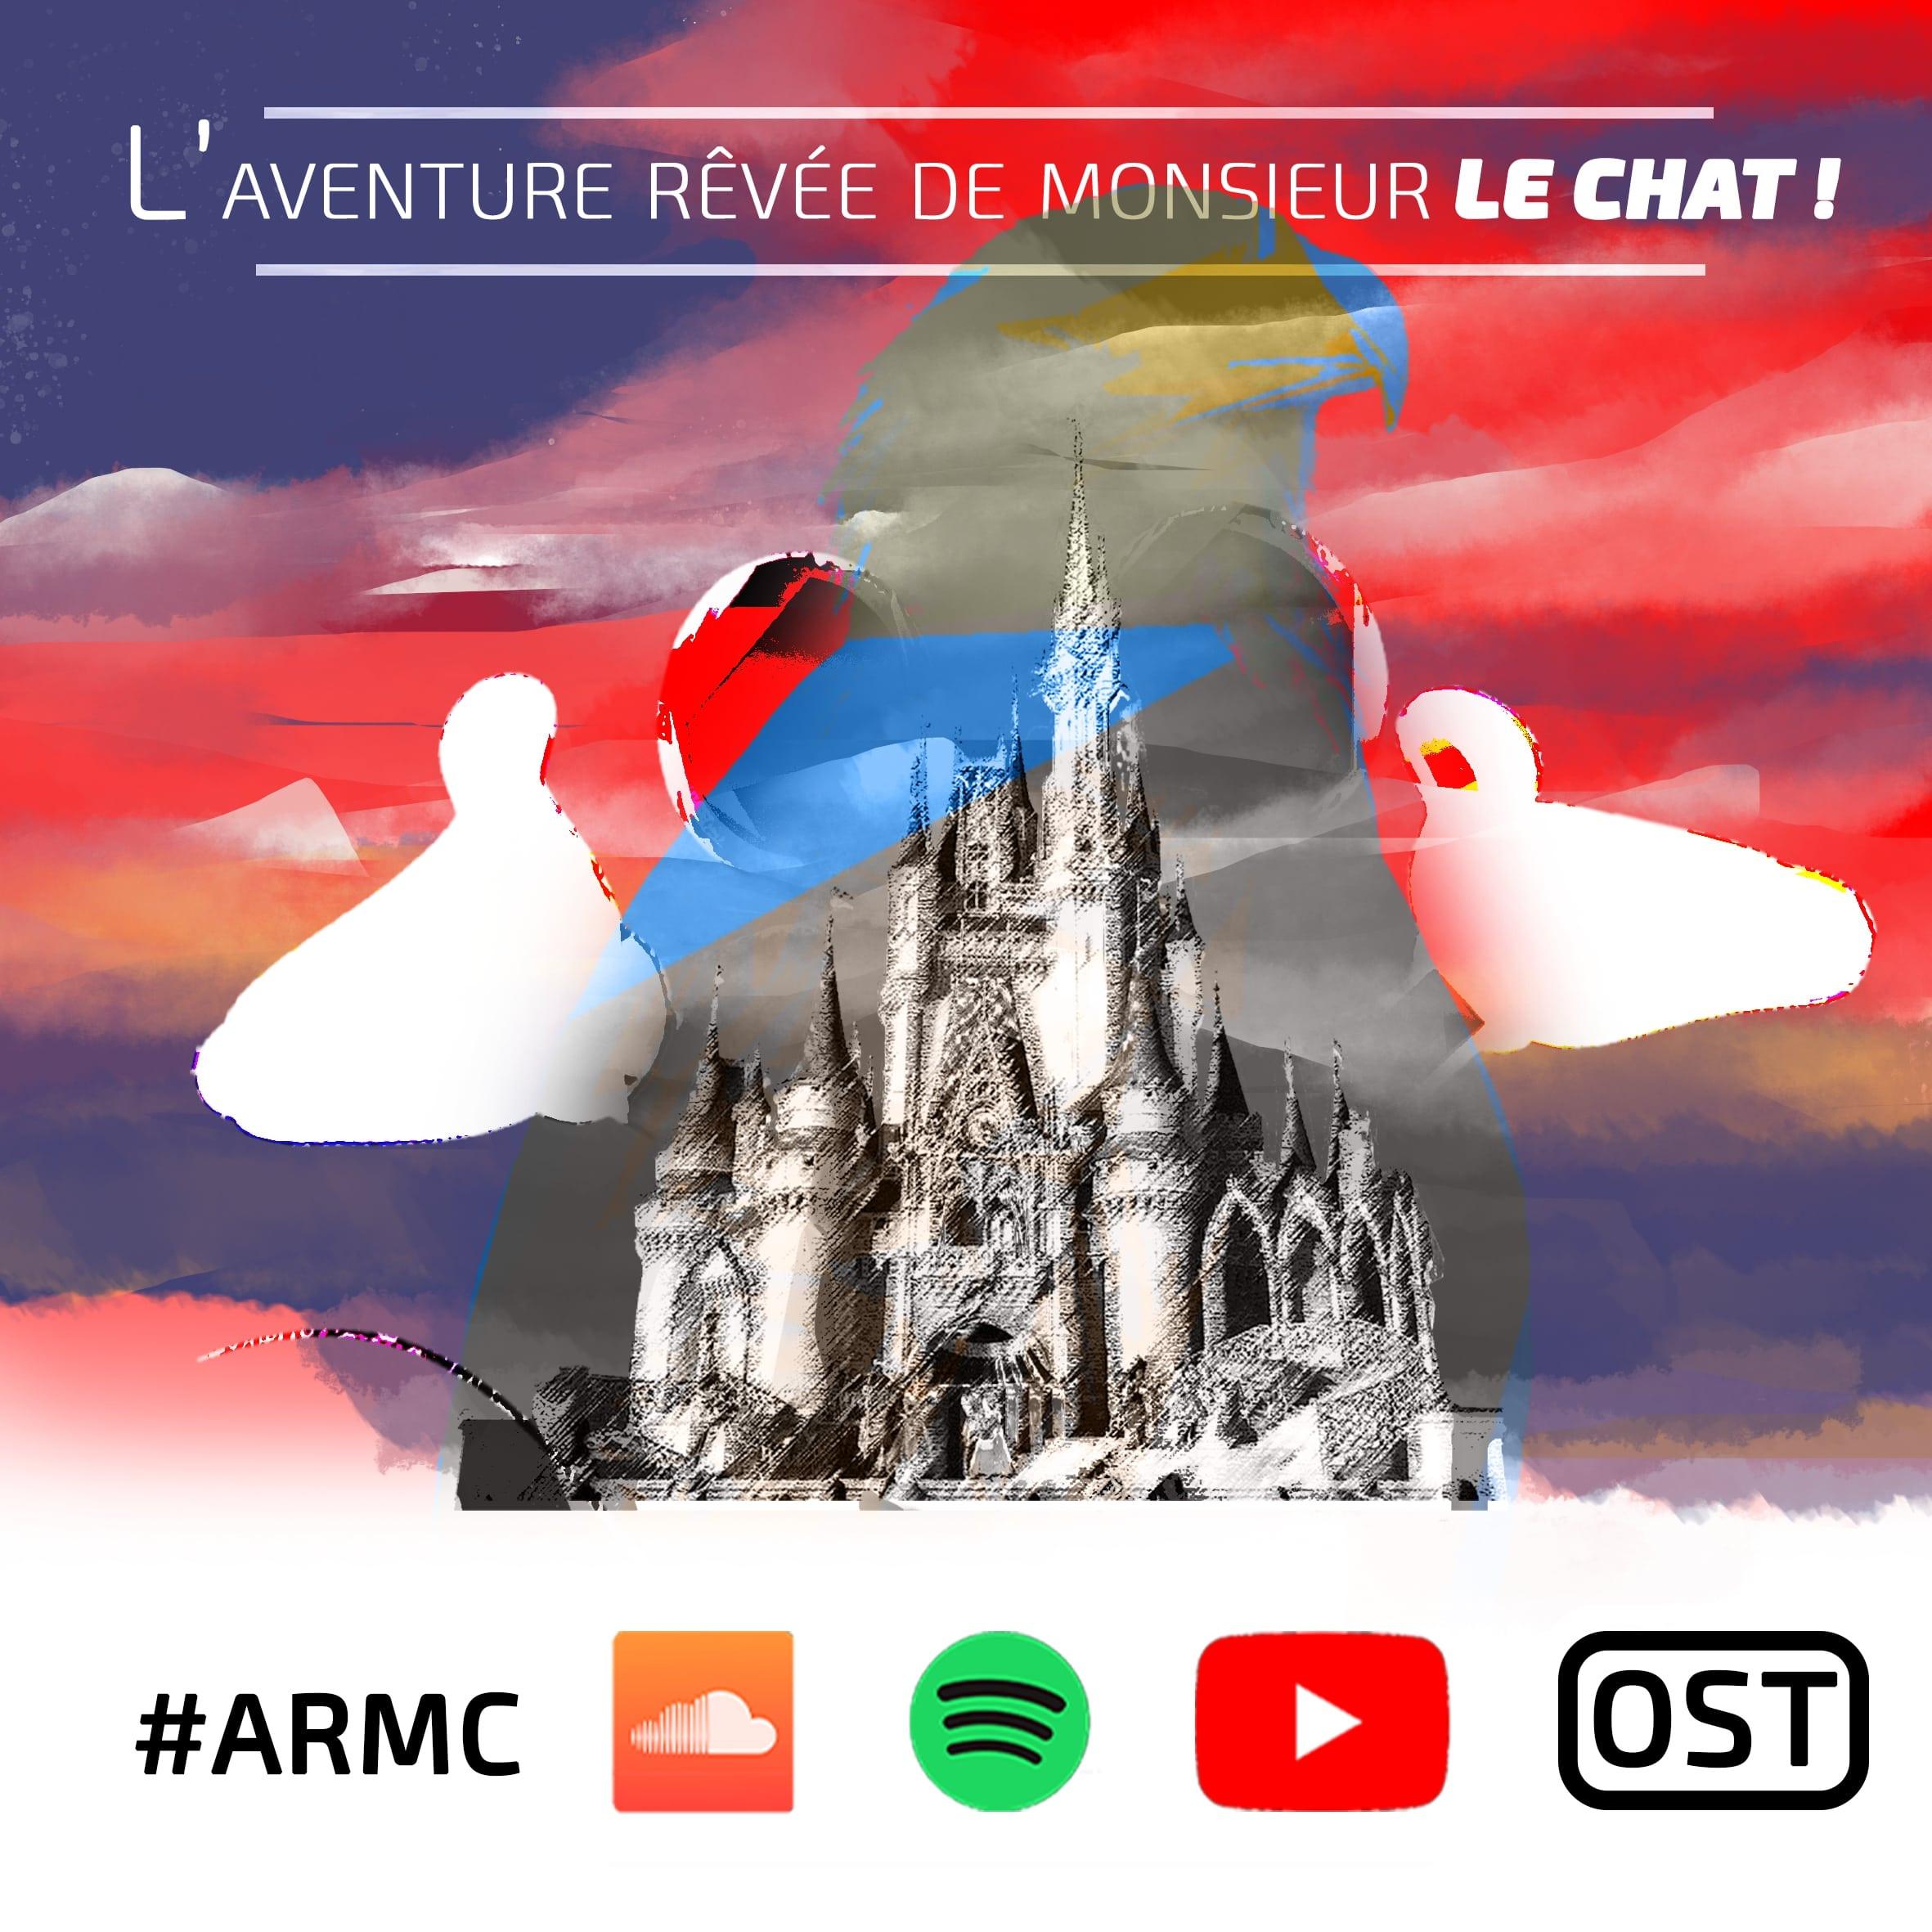 L'aventure rêvée de Monsieur LE CHAT : Episode 3 OST